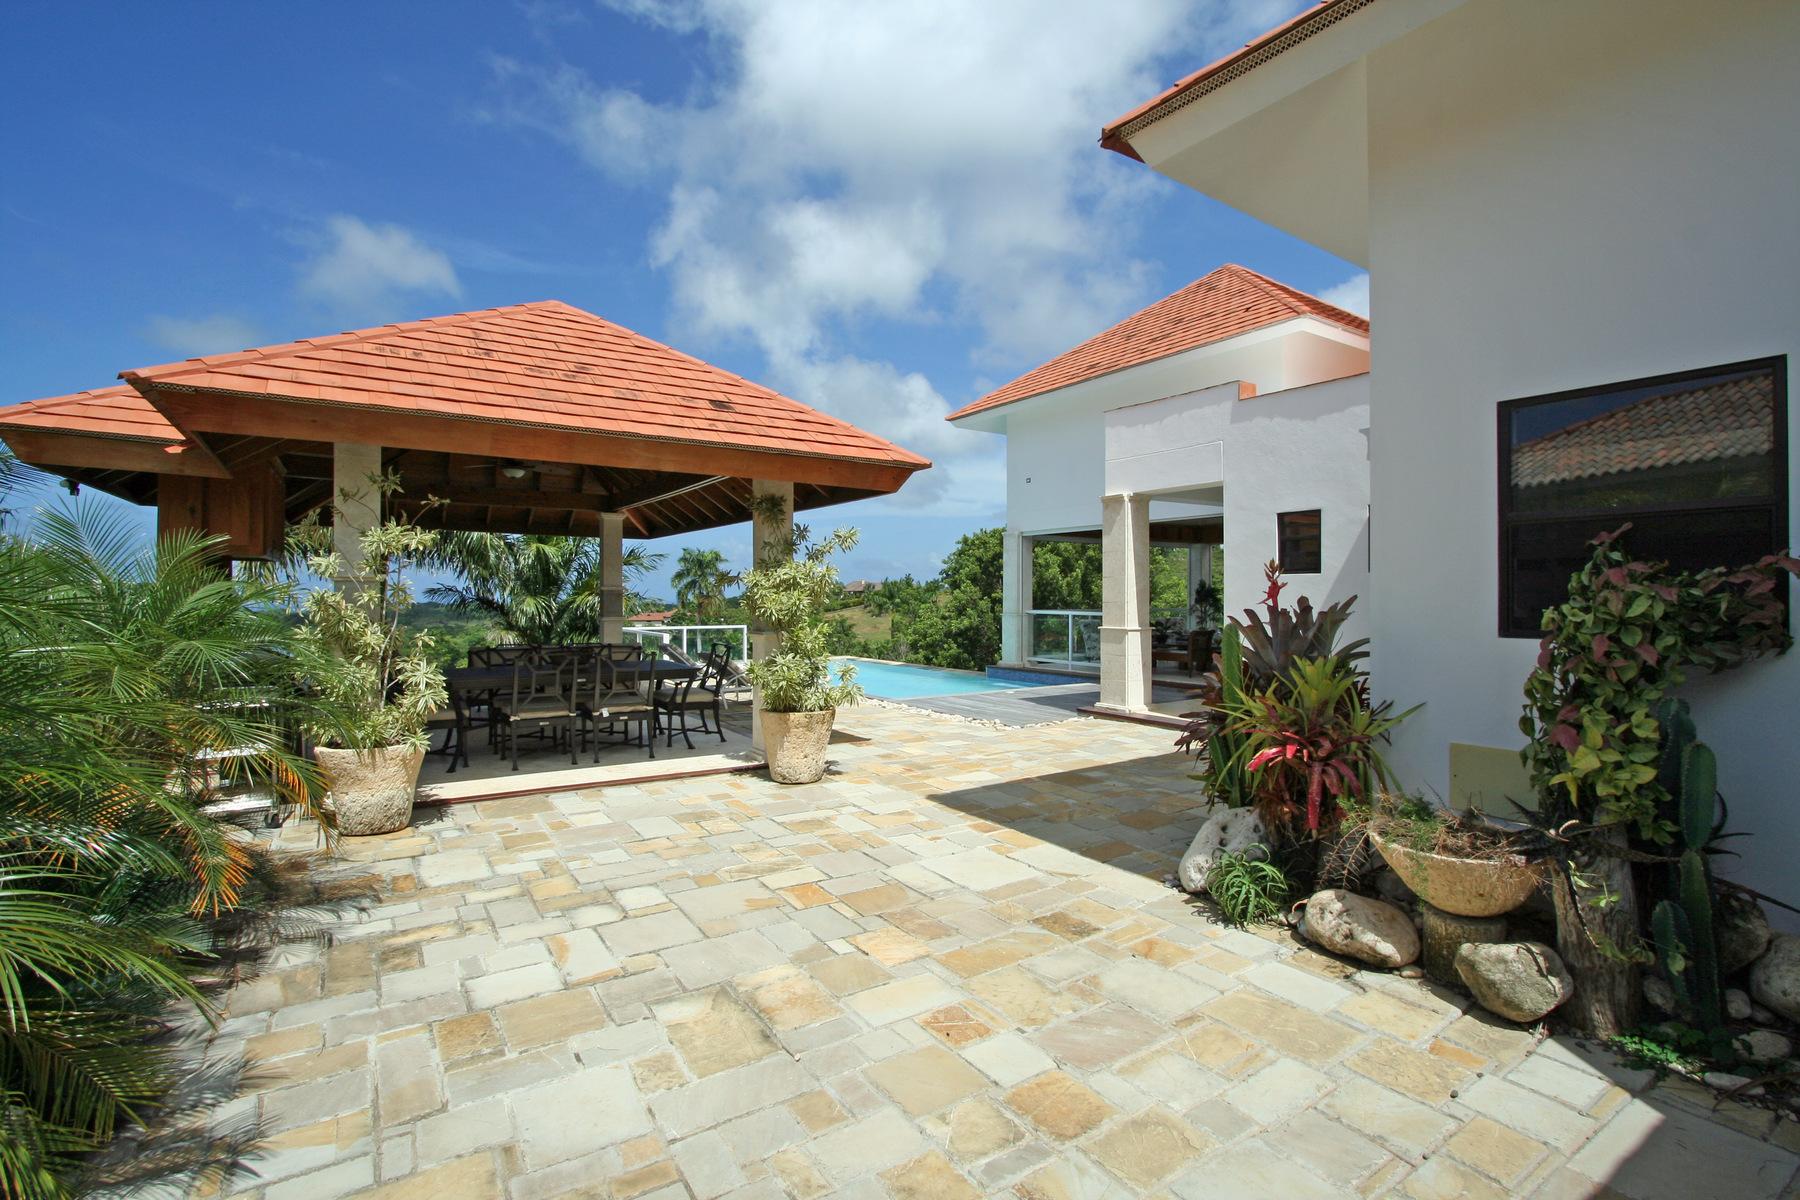 Einfamilienhaus für Verkauf beim Panorama Village No. 4 4 Panorama Village Sosua, Puerto Plata 57000 Dominikanische Republik